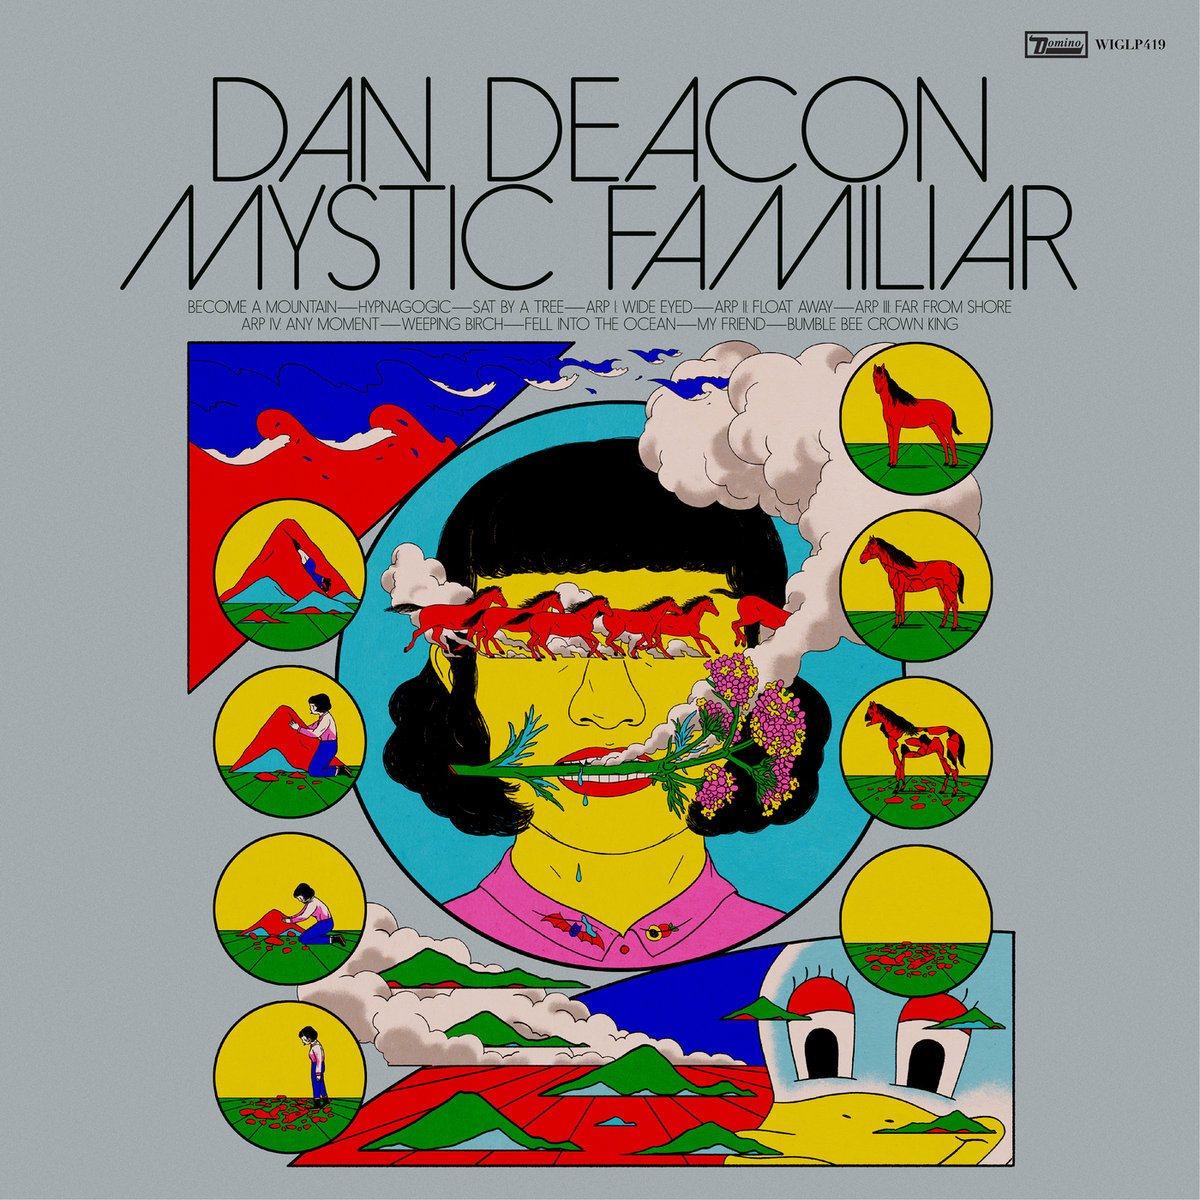 """Dan Deacon e a odisseia sonora de """"Mystic Familiar"""""""